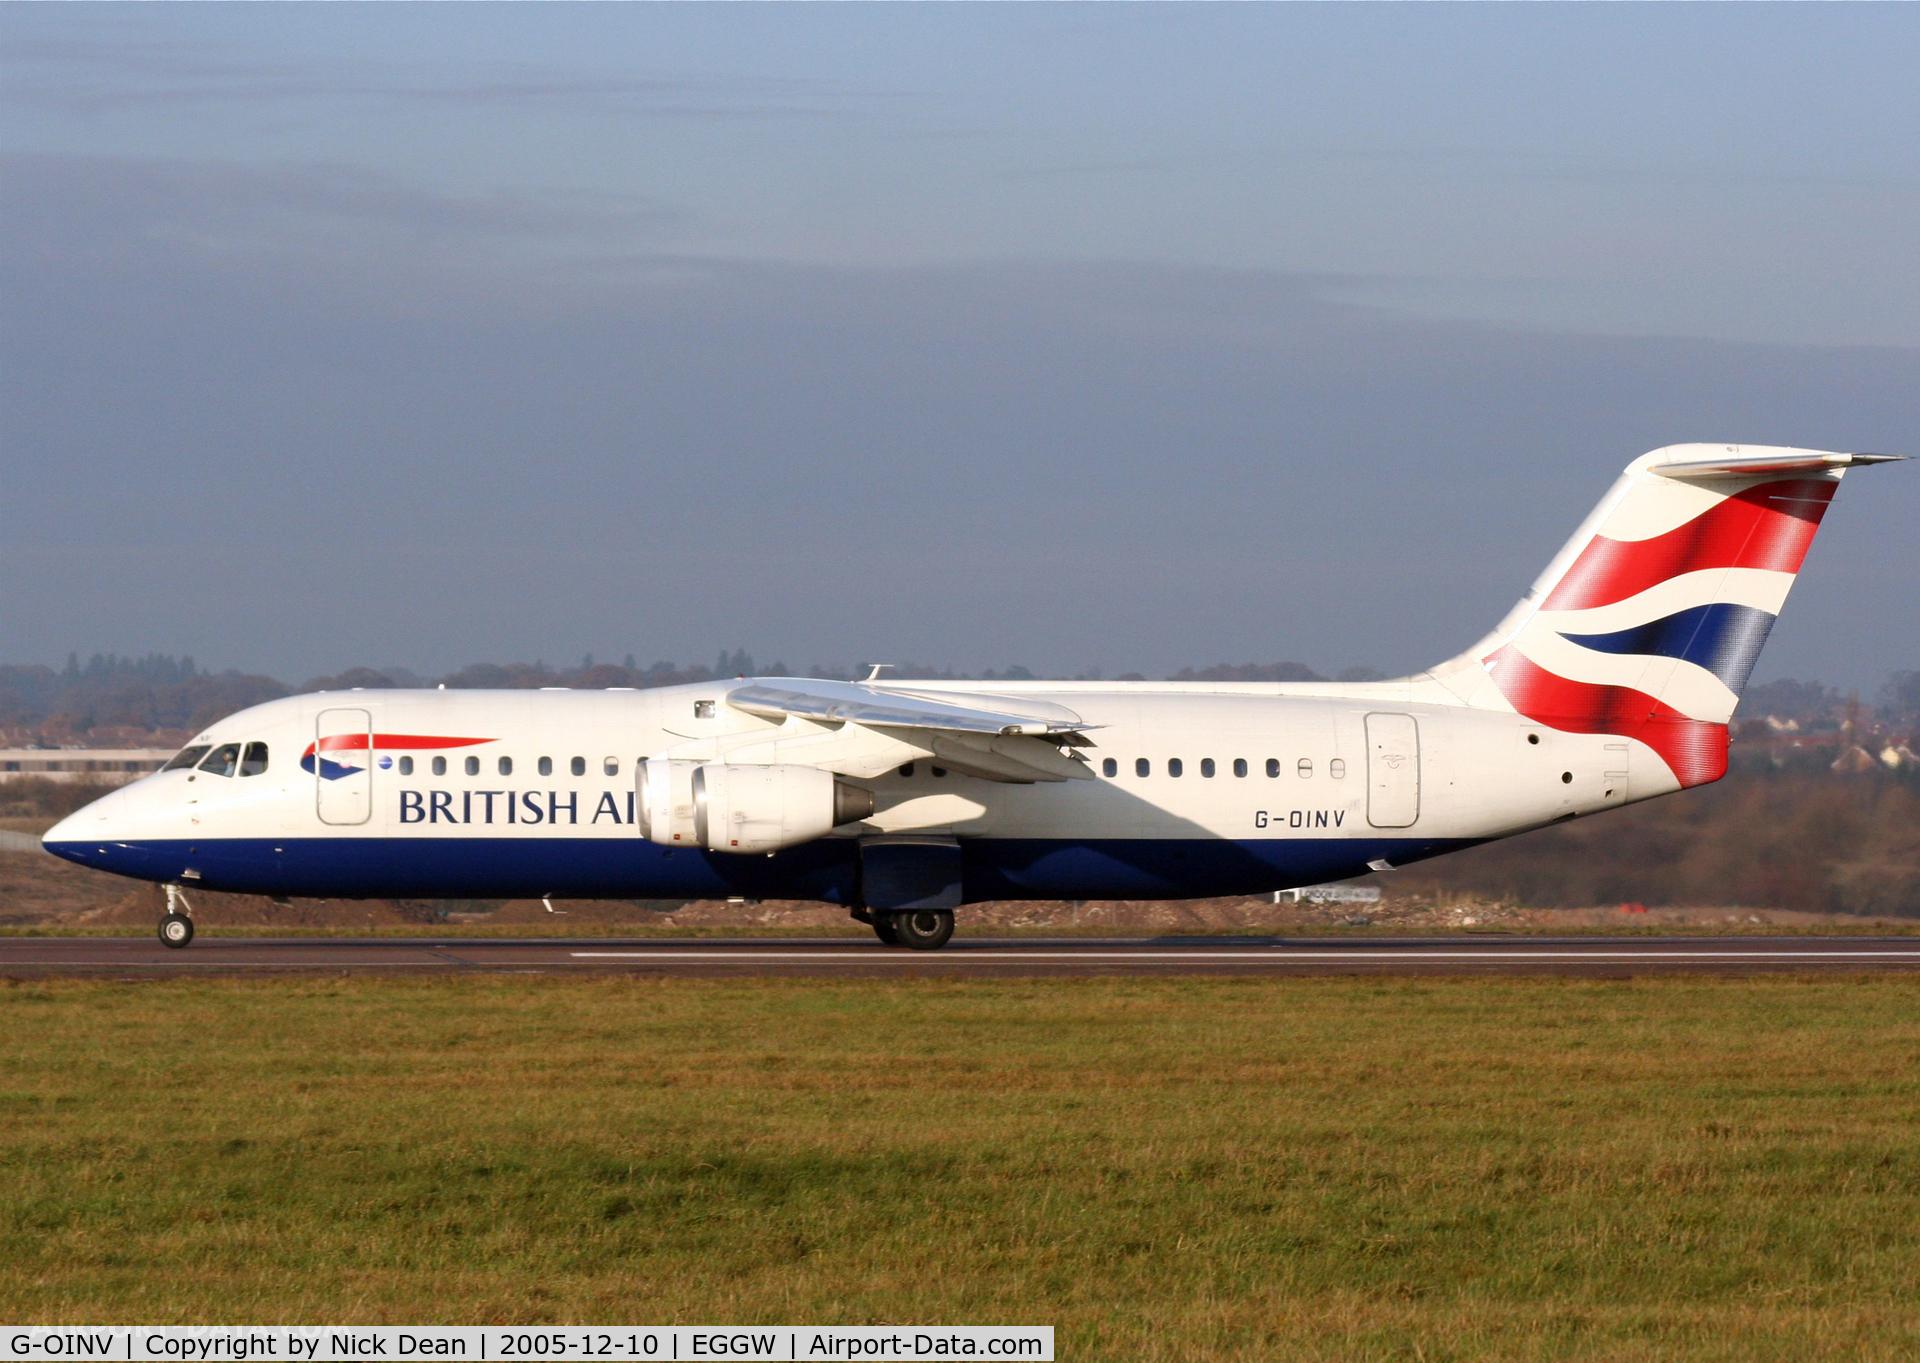 G-OINV, 1990 British Aerospace BAe.146-300 C/N E3171, /